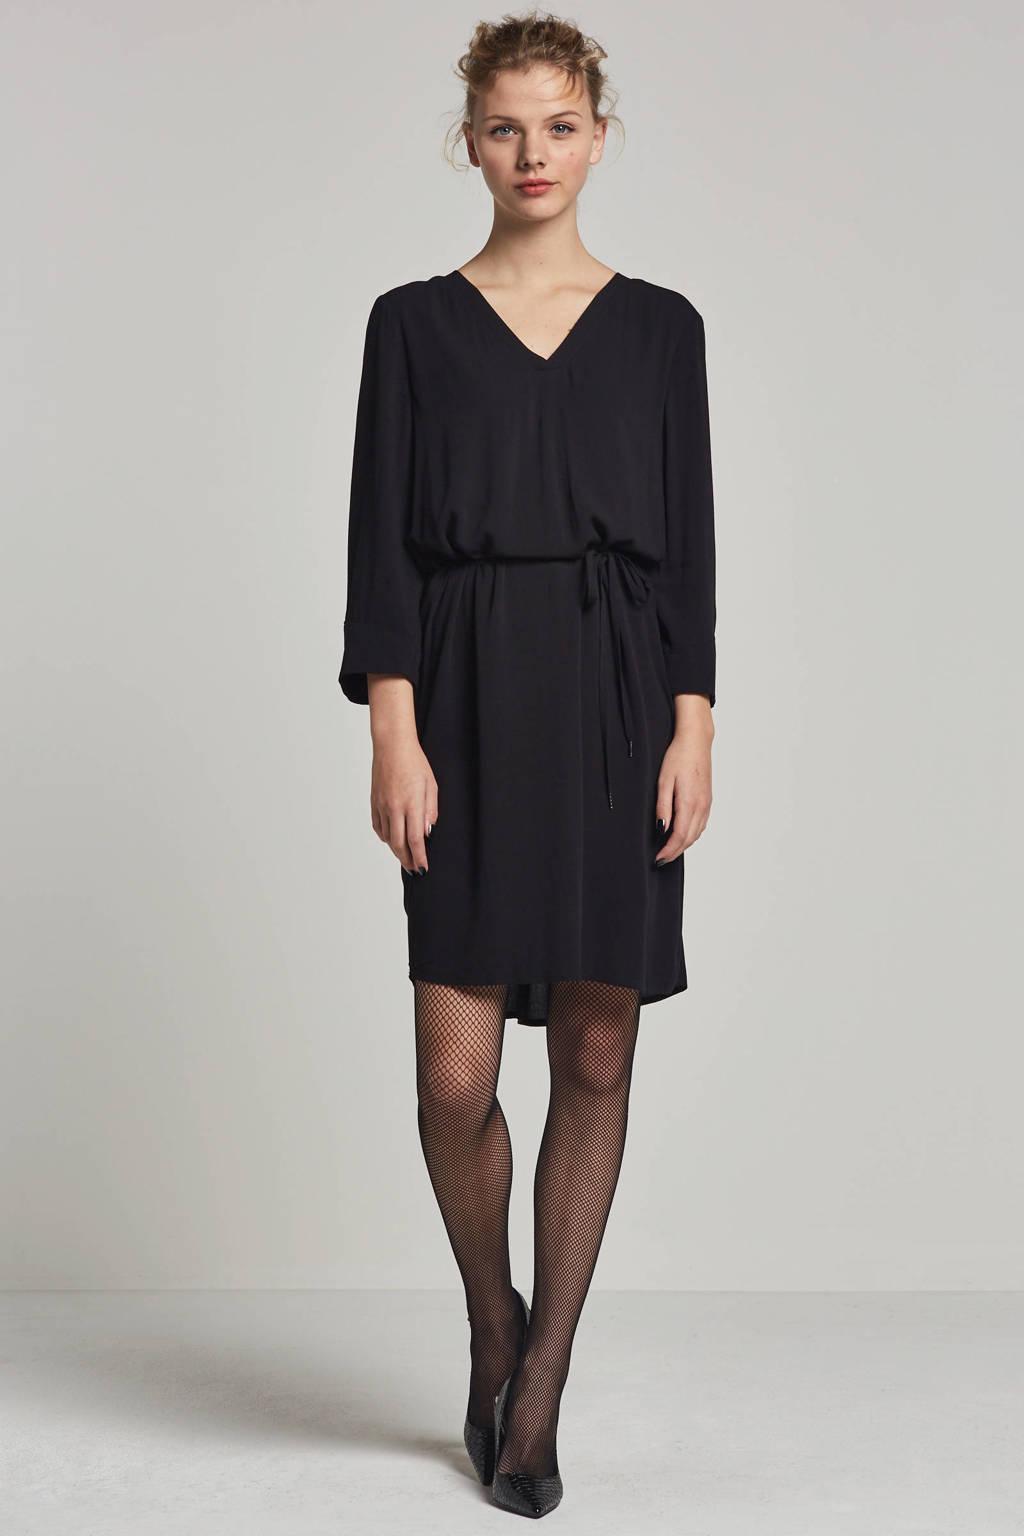 OBJECT jurk, Zwart